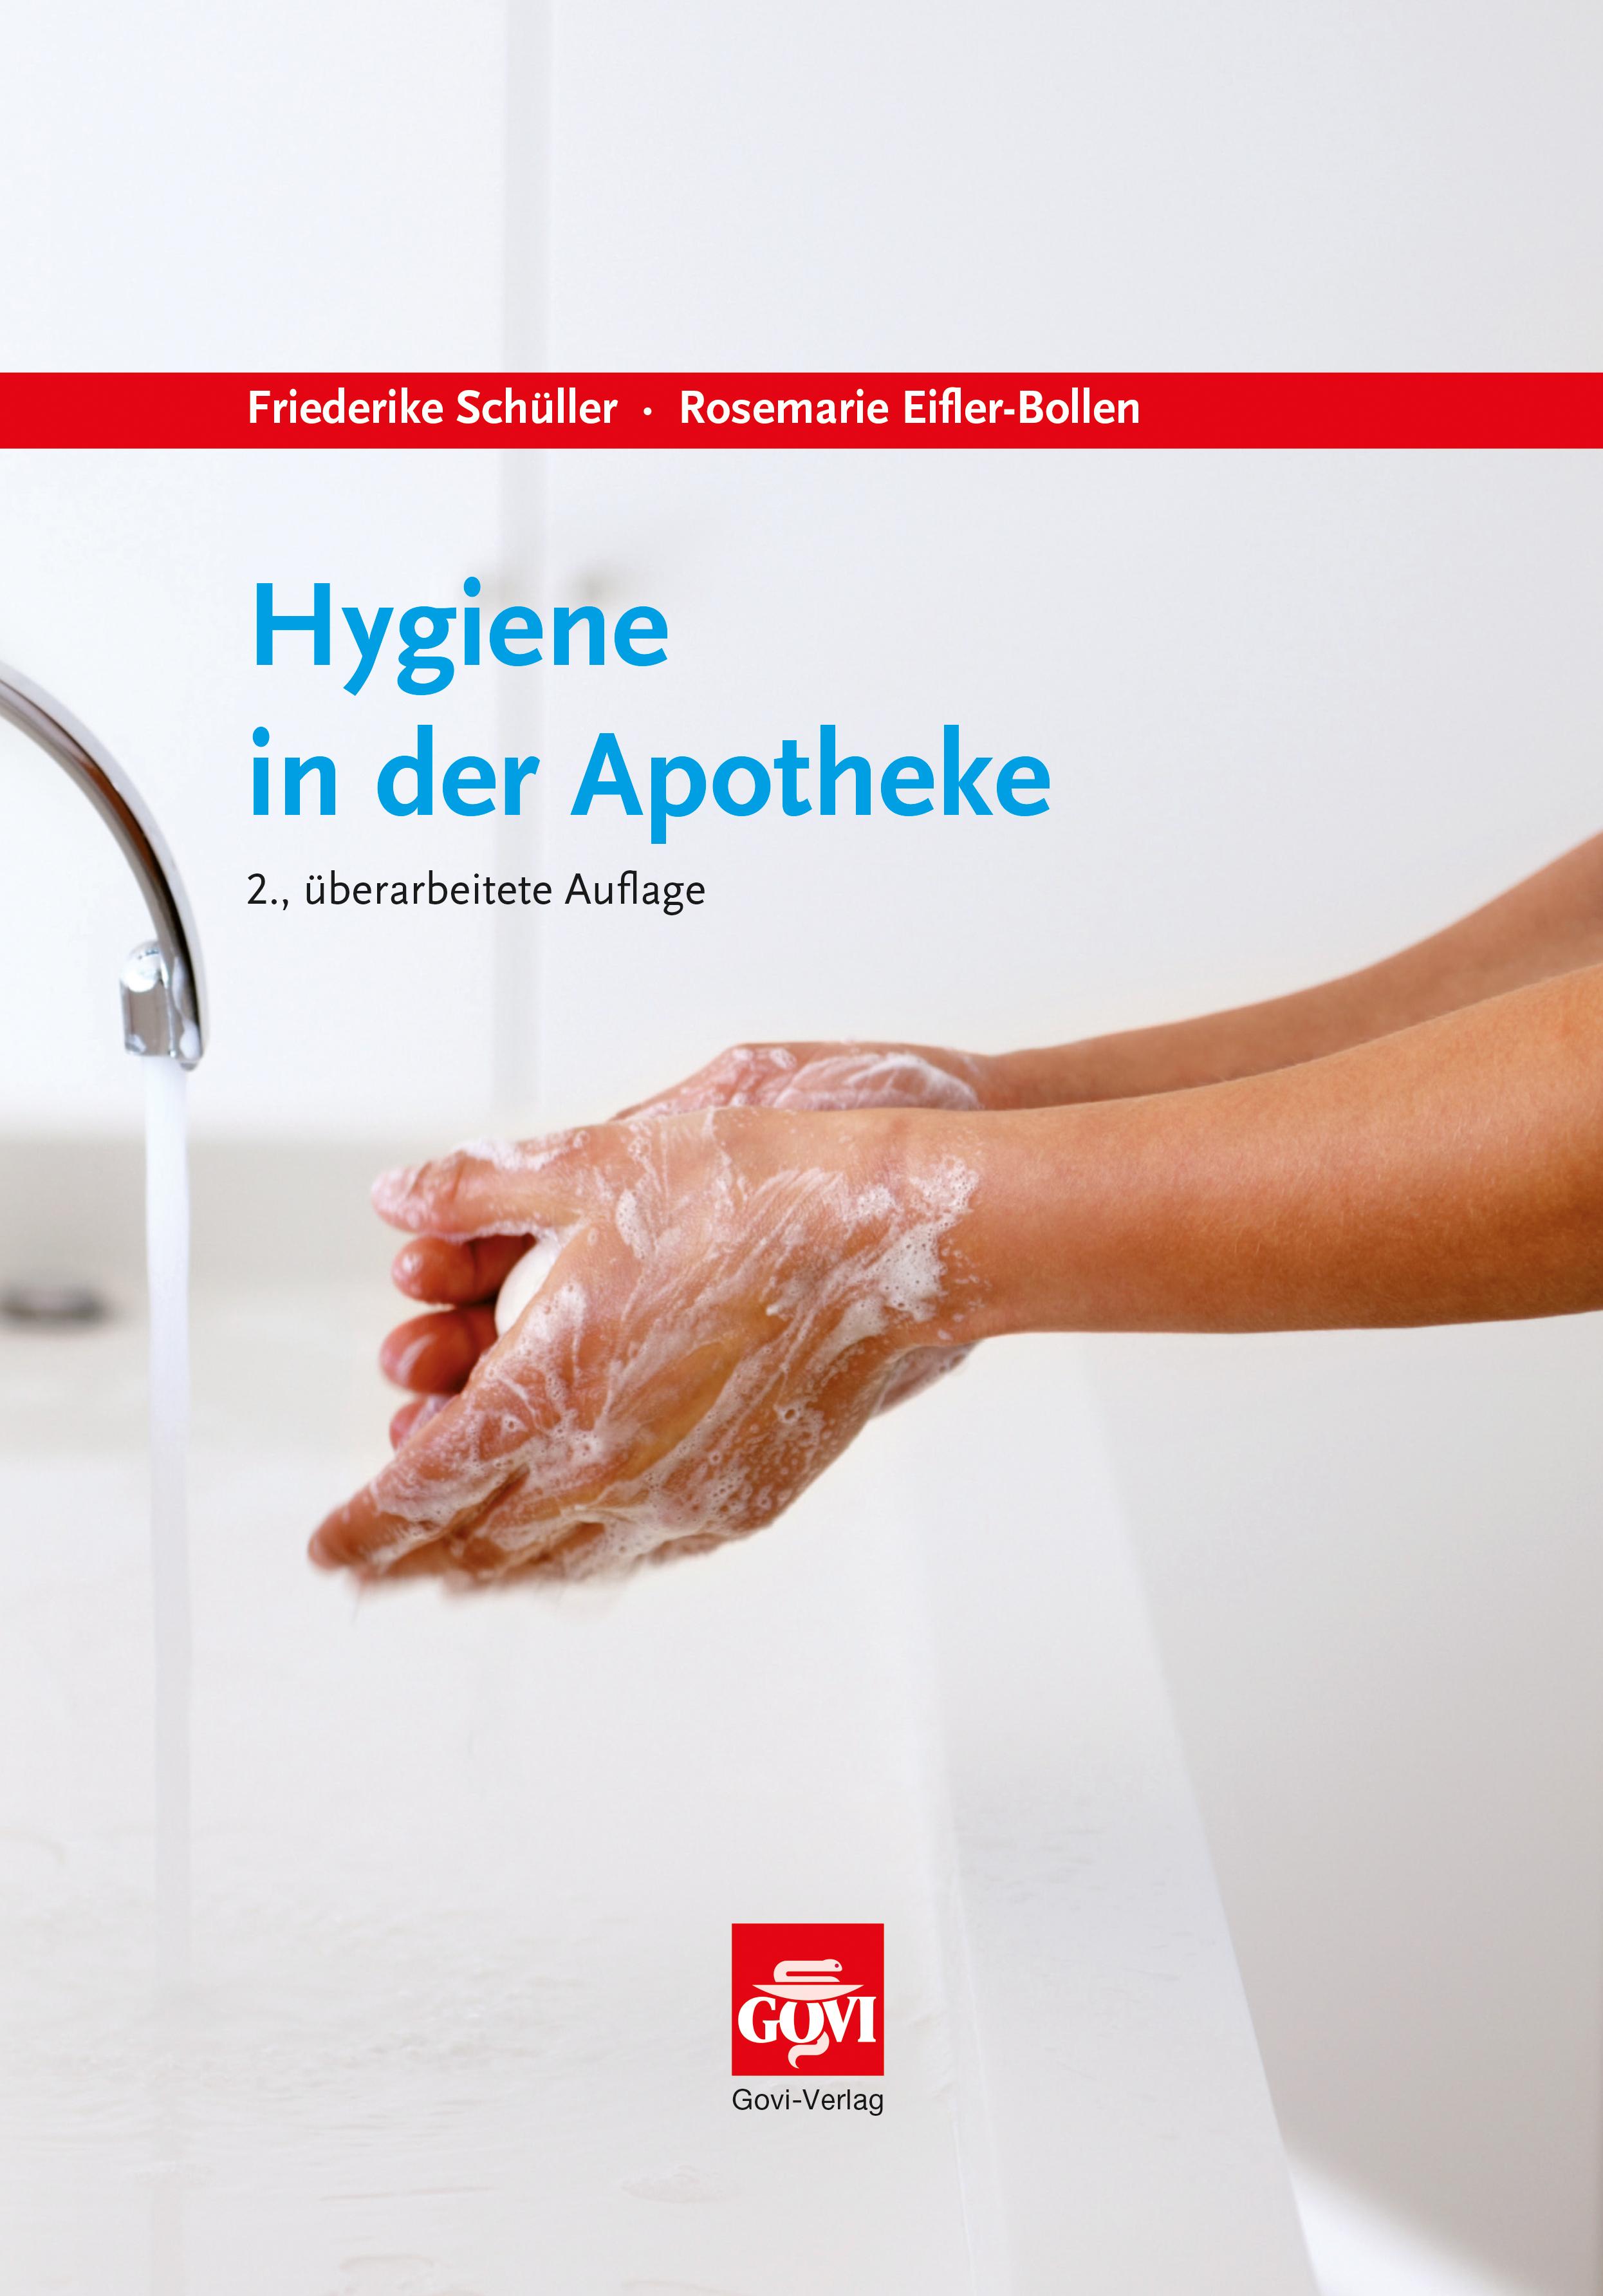 Friederike Schüller / Hygiene in der Apotheke9783774112681